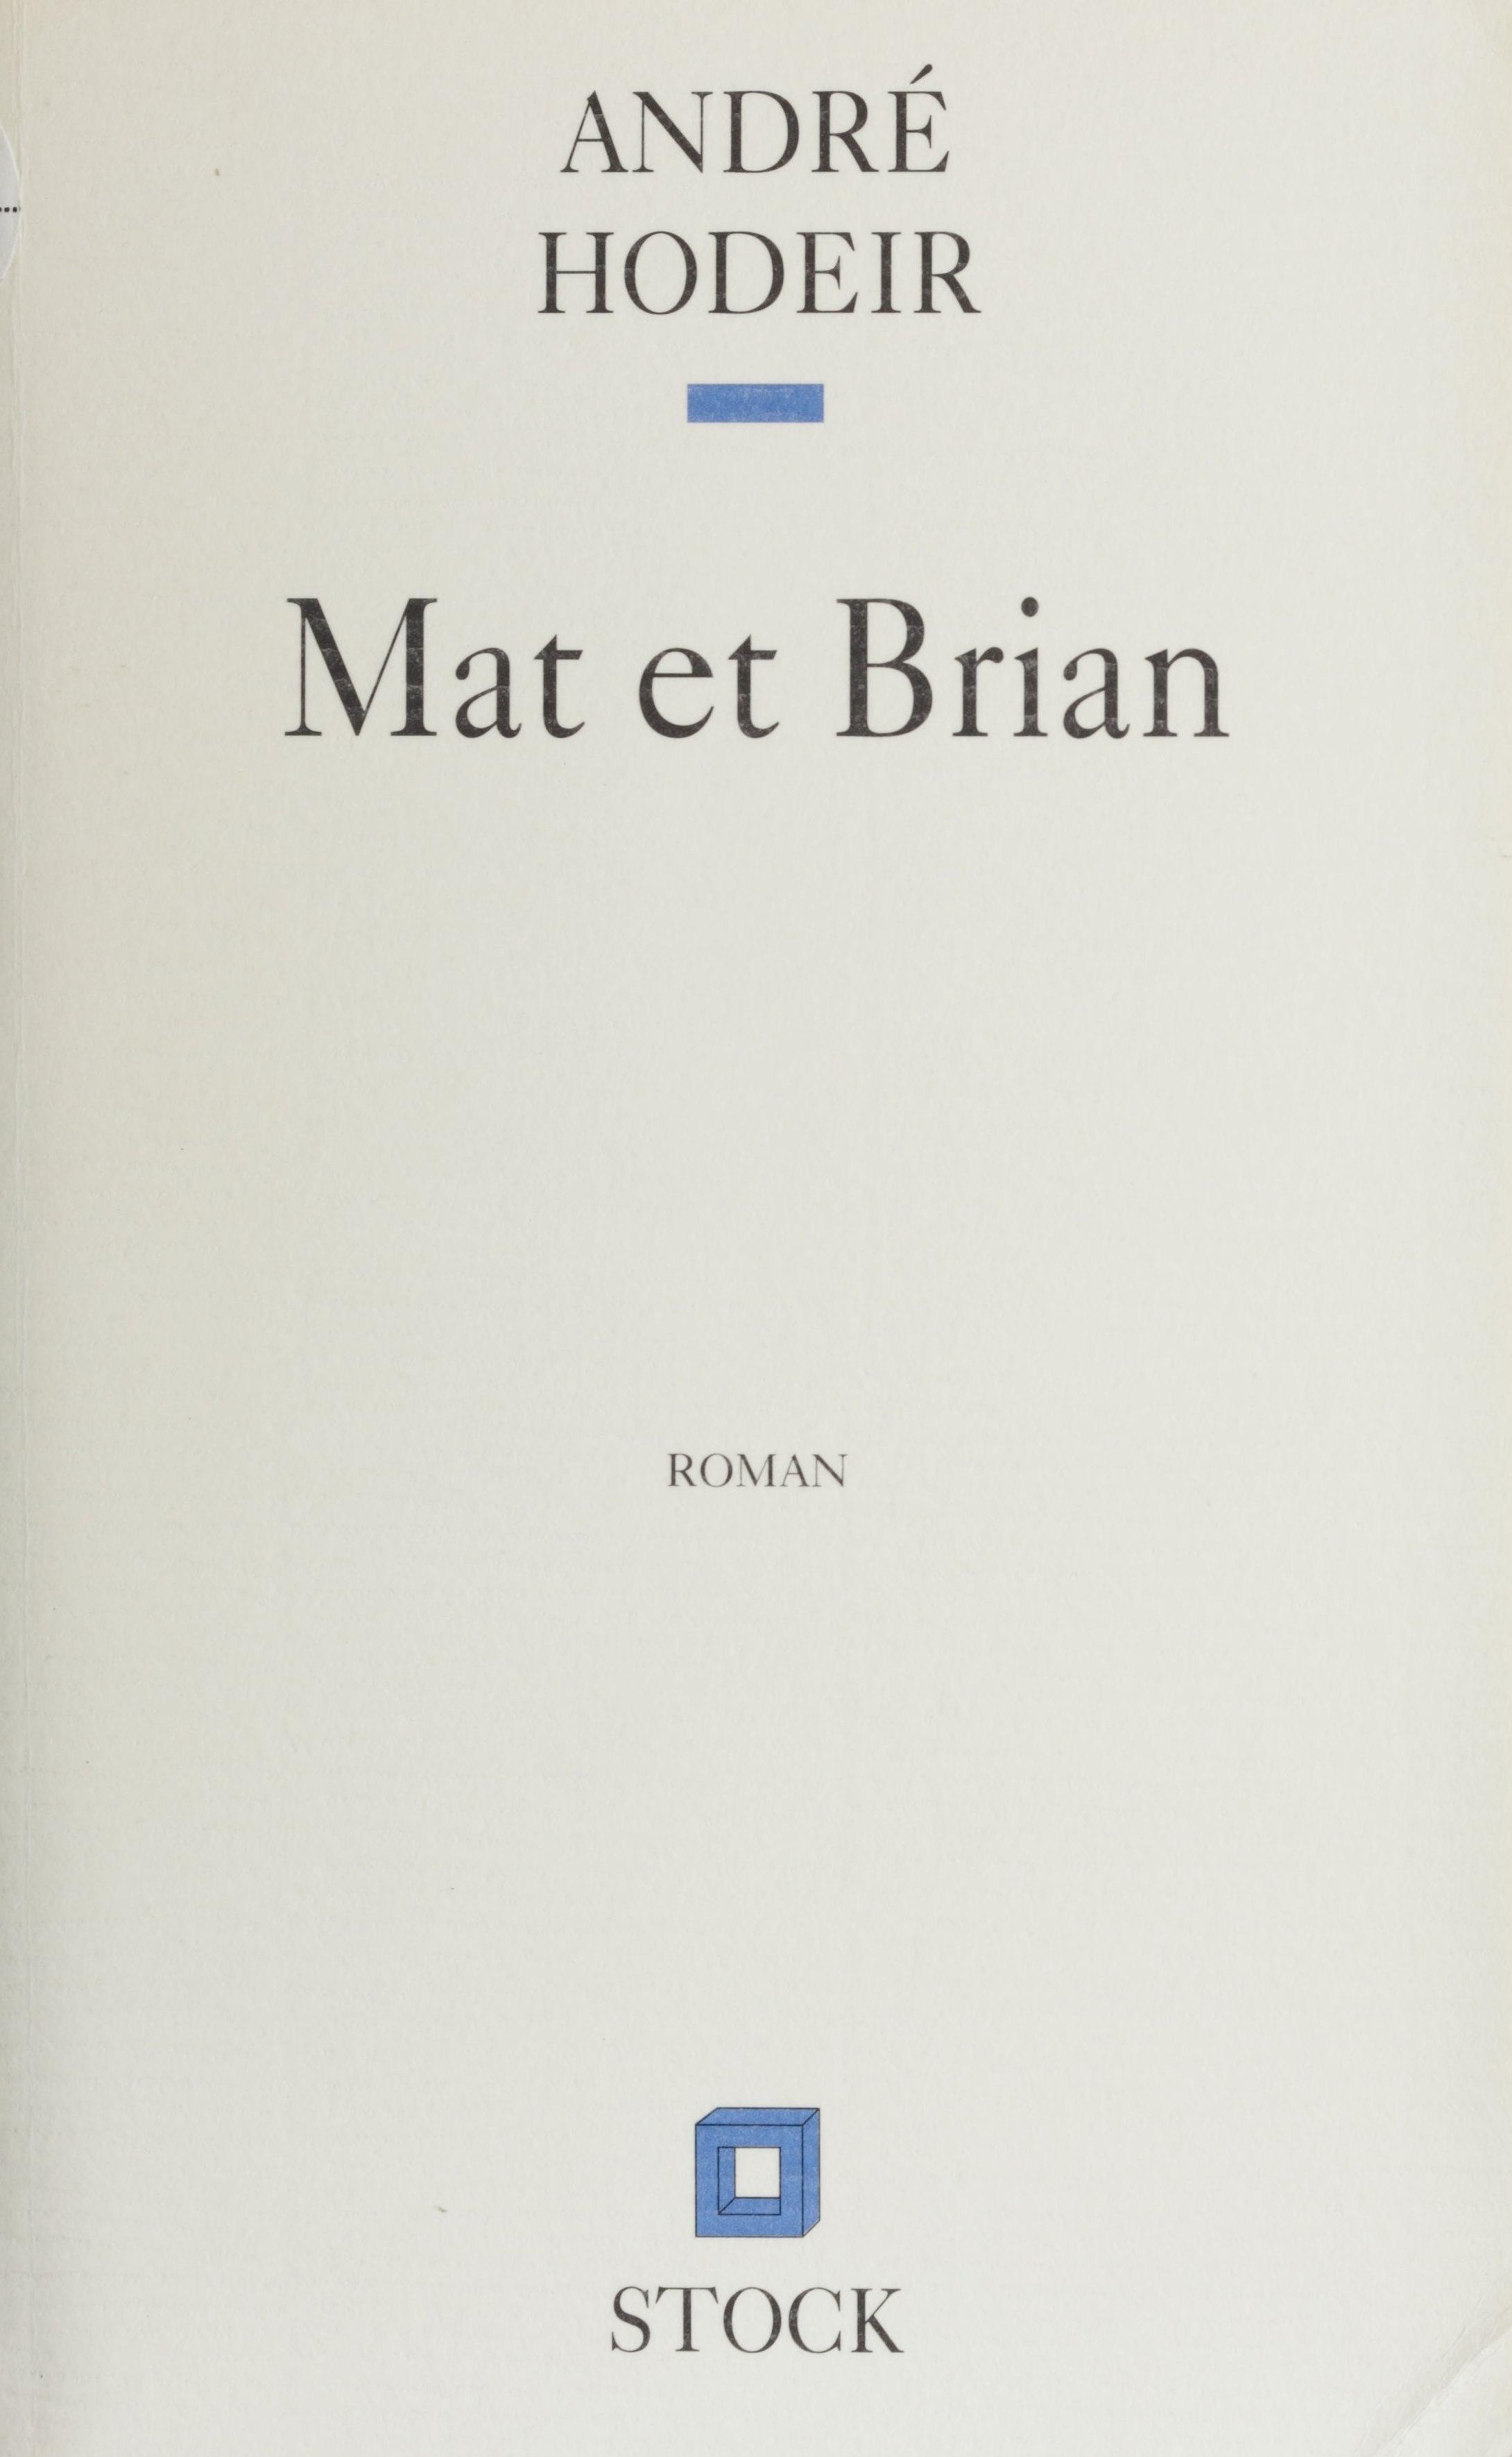 Mat et Brian